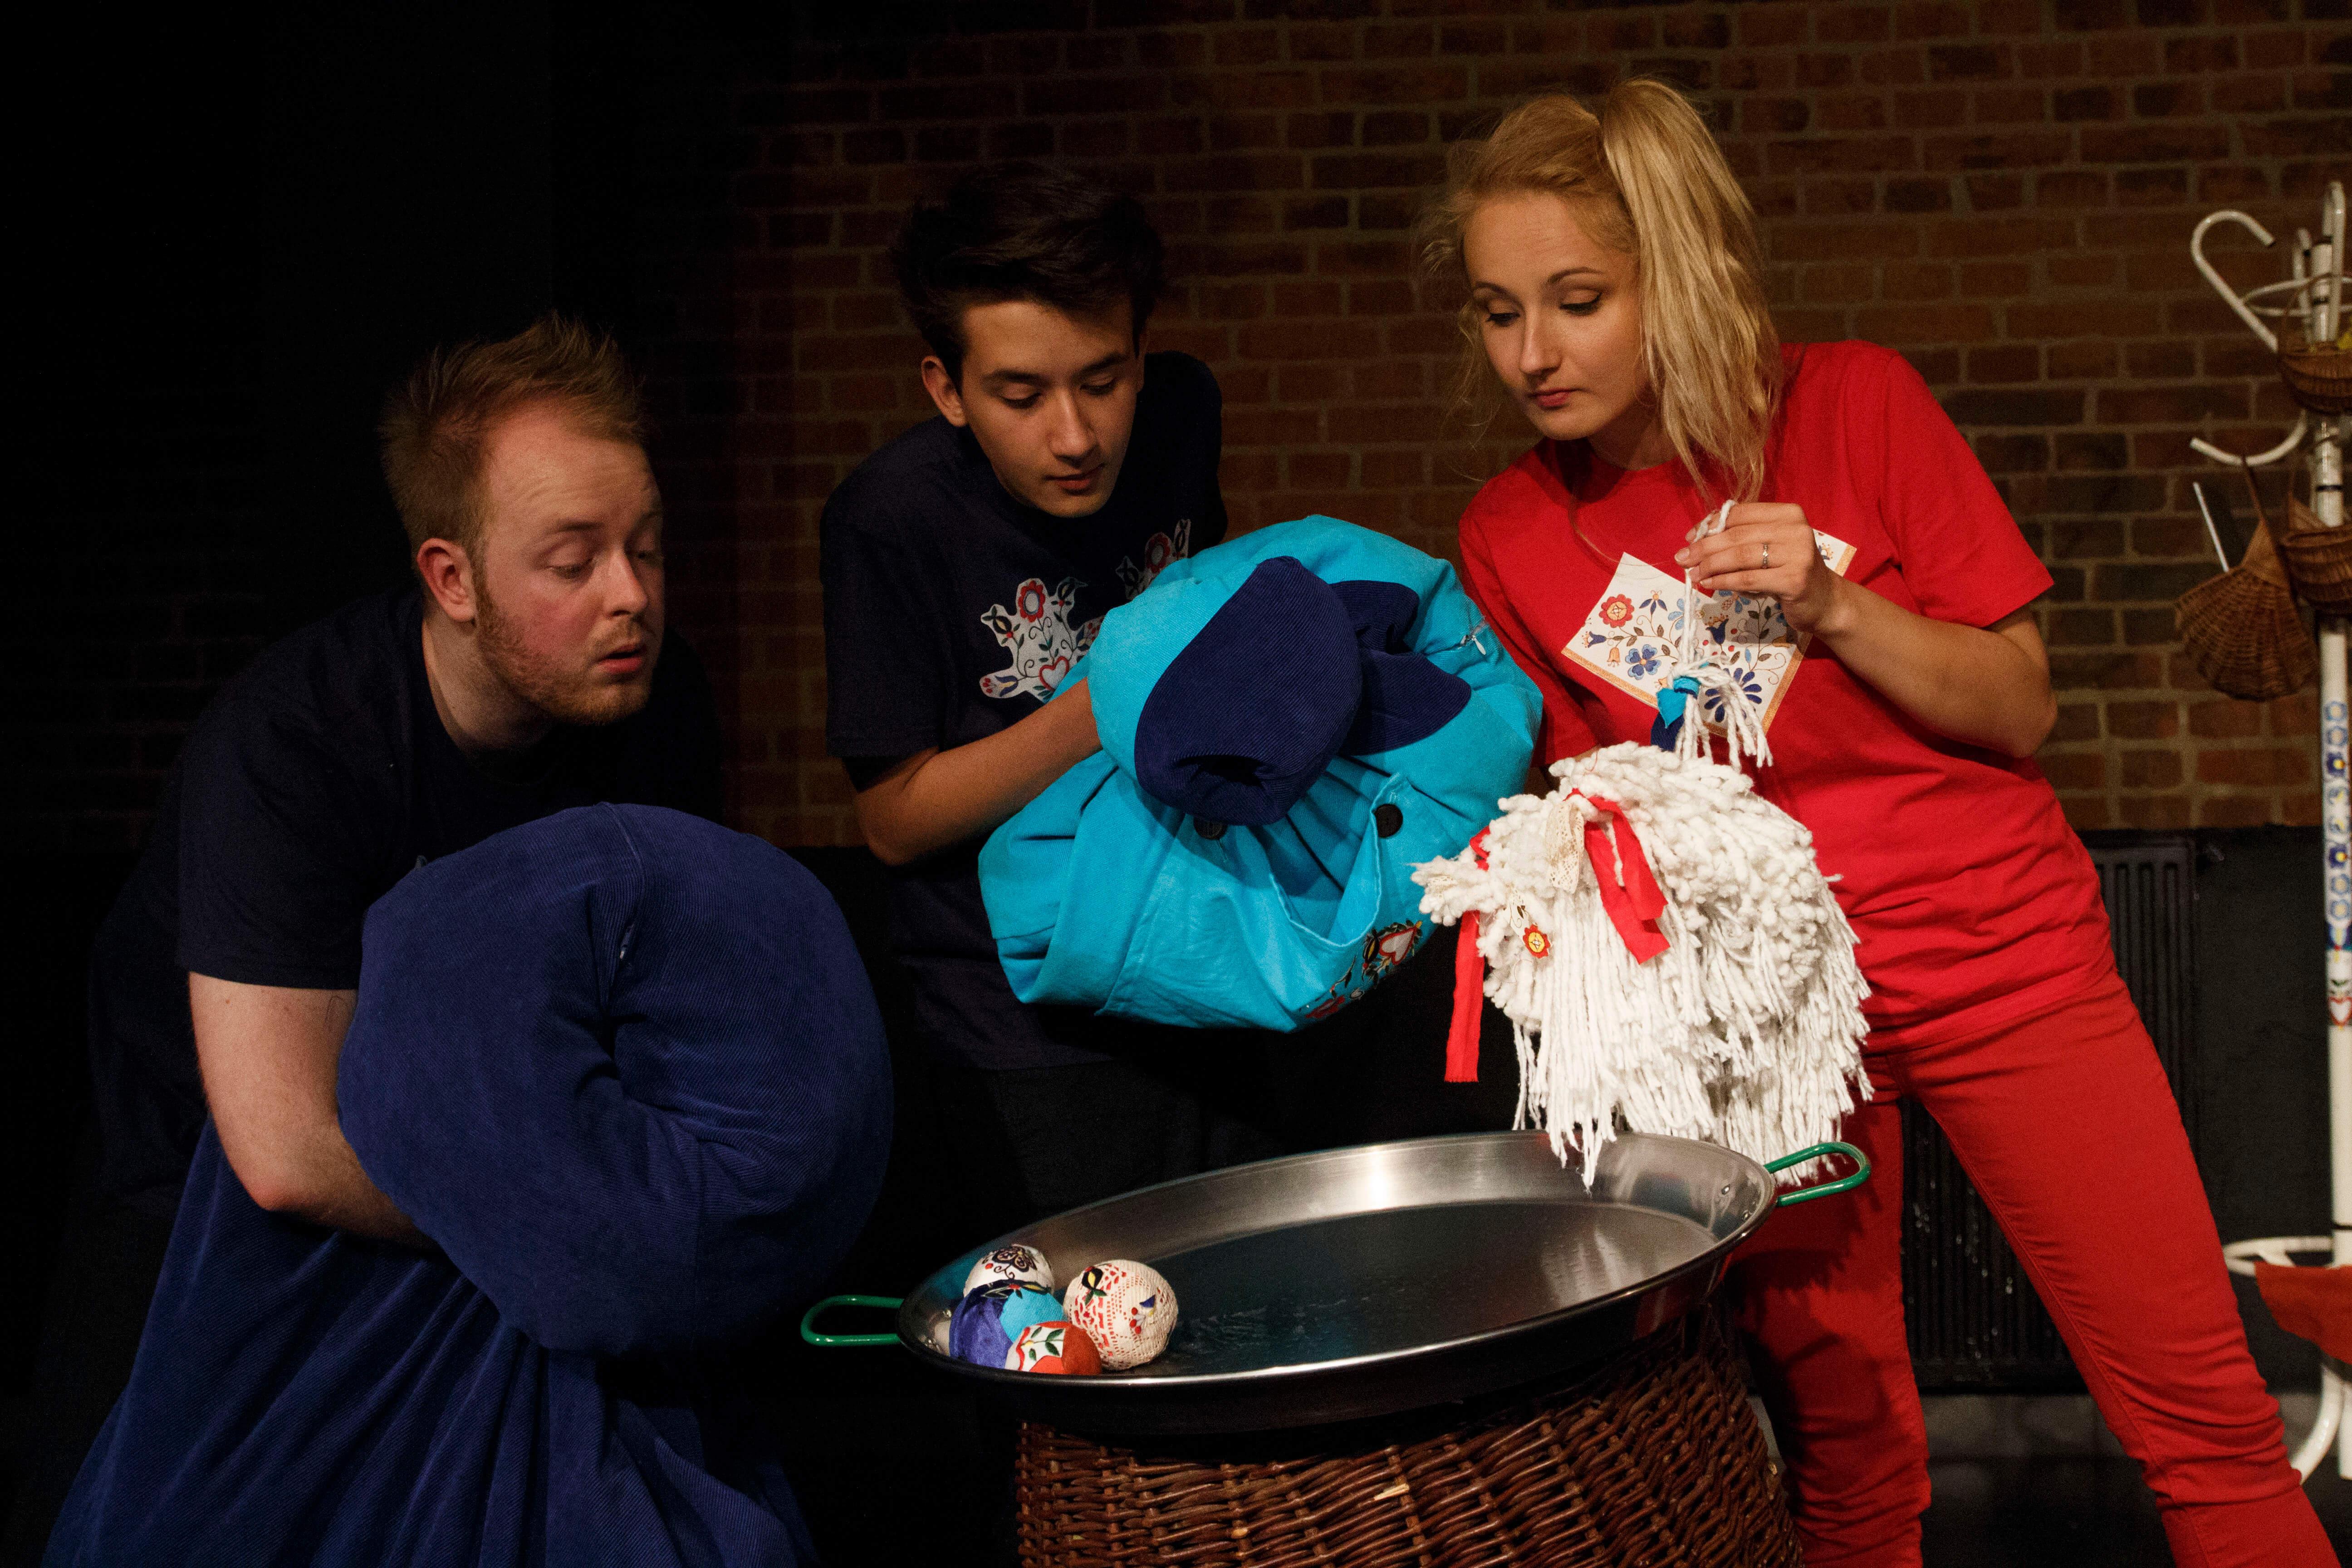 Zdjęcie ze spektaklu Tymoteusz Rym Cim Cim. Trójka aktorów pochyla się nad dużą patelnią. Trzymają w rekach niebieskie poduszki oraz biały mop. Aktorka jest ubrana w czerwony kostium.